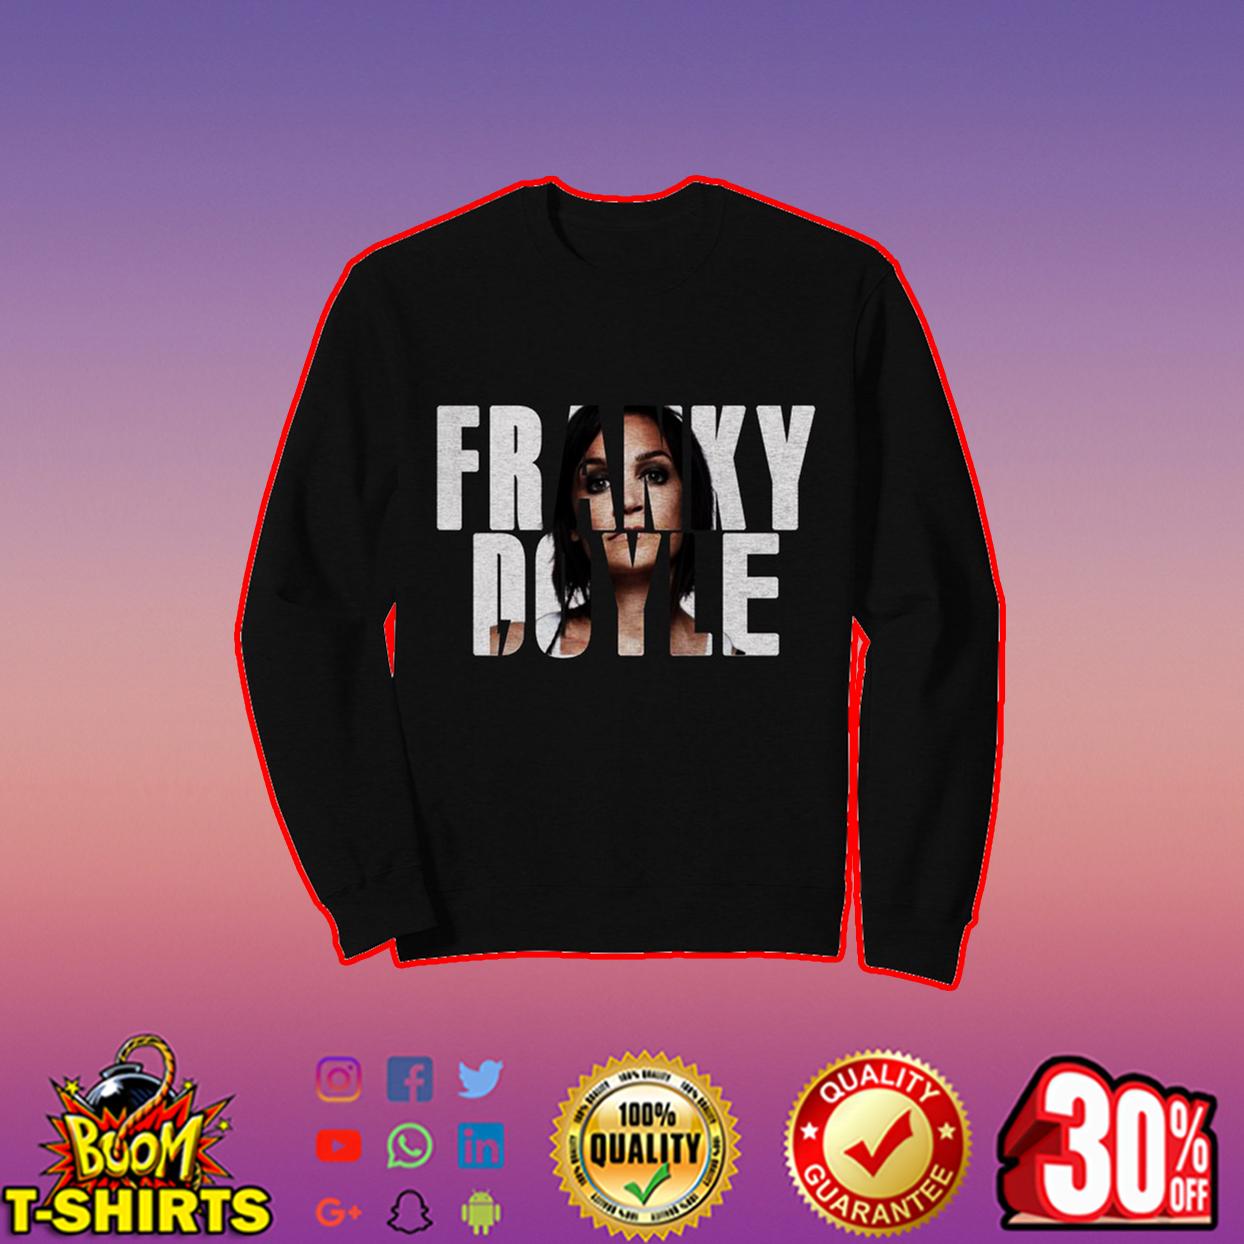 Franky Doyle sweatshirt